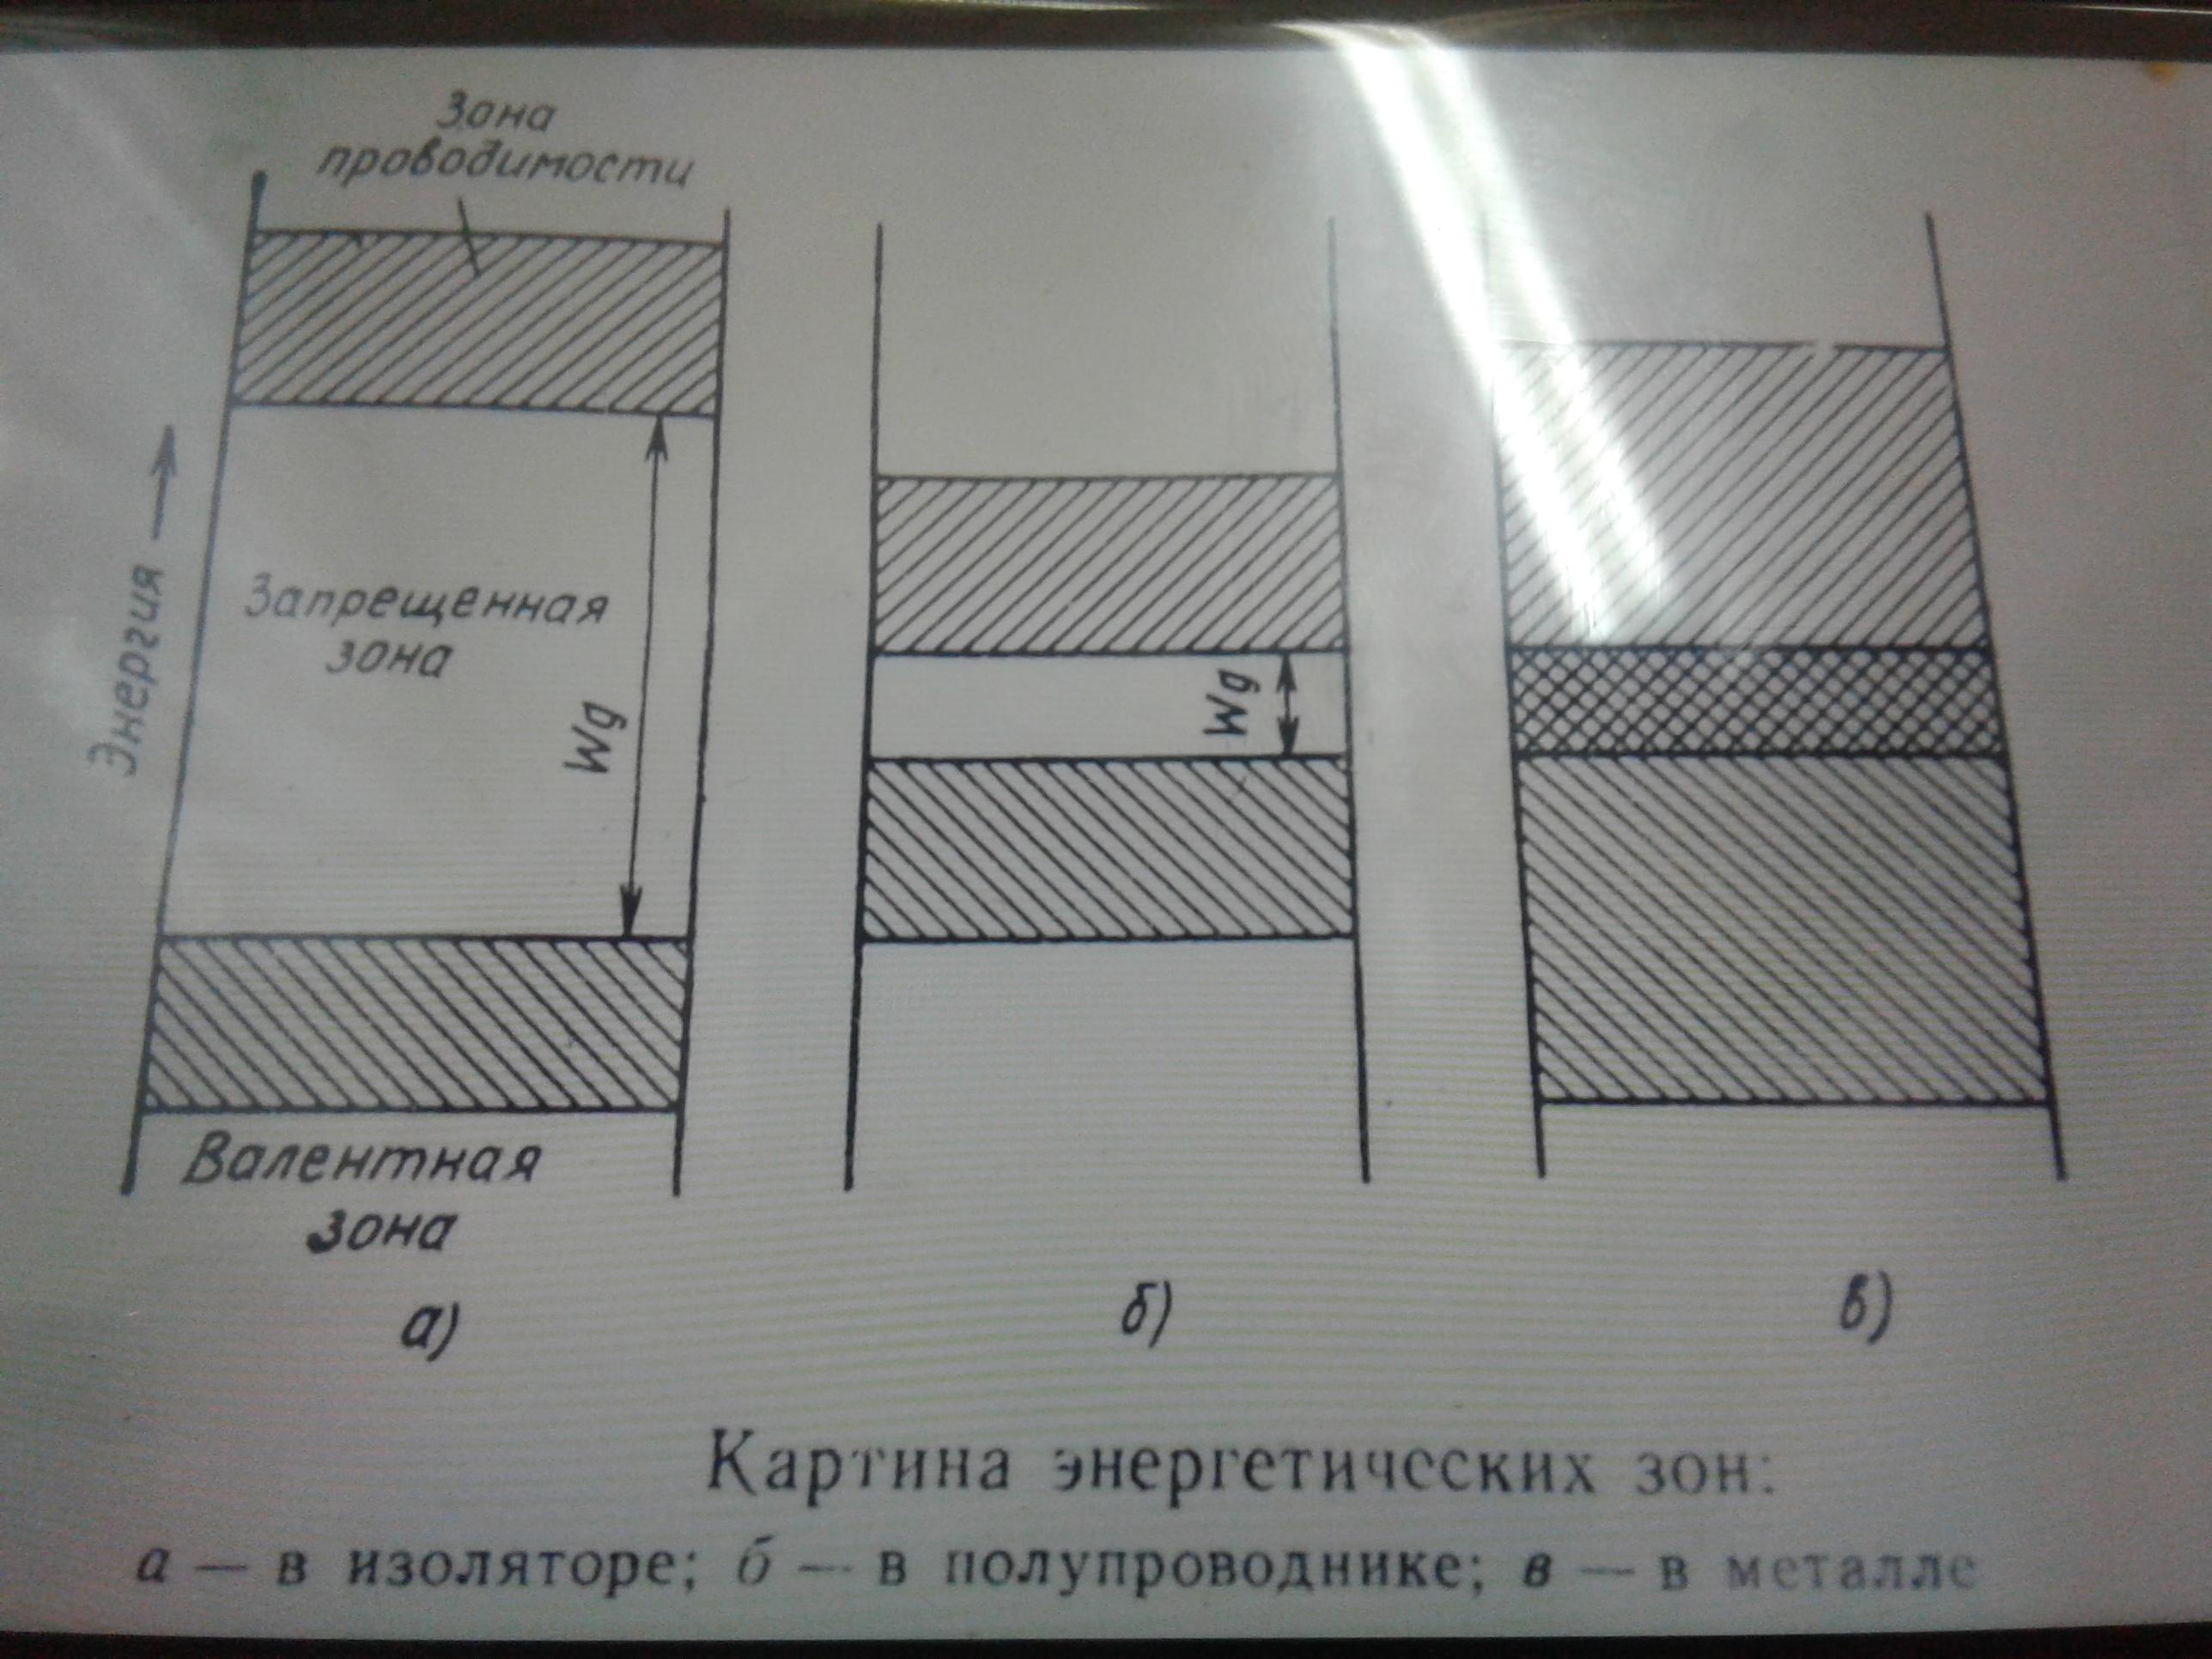 Сравнительный анализ проводников полупроводников и